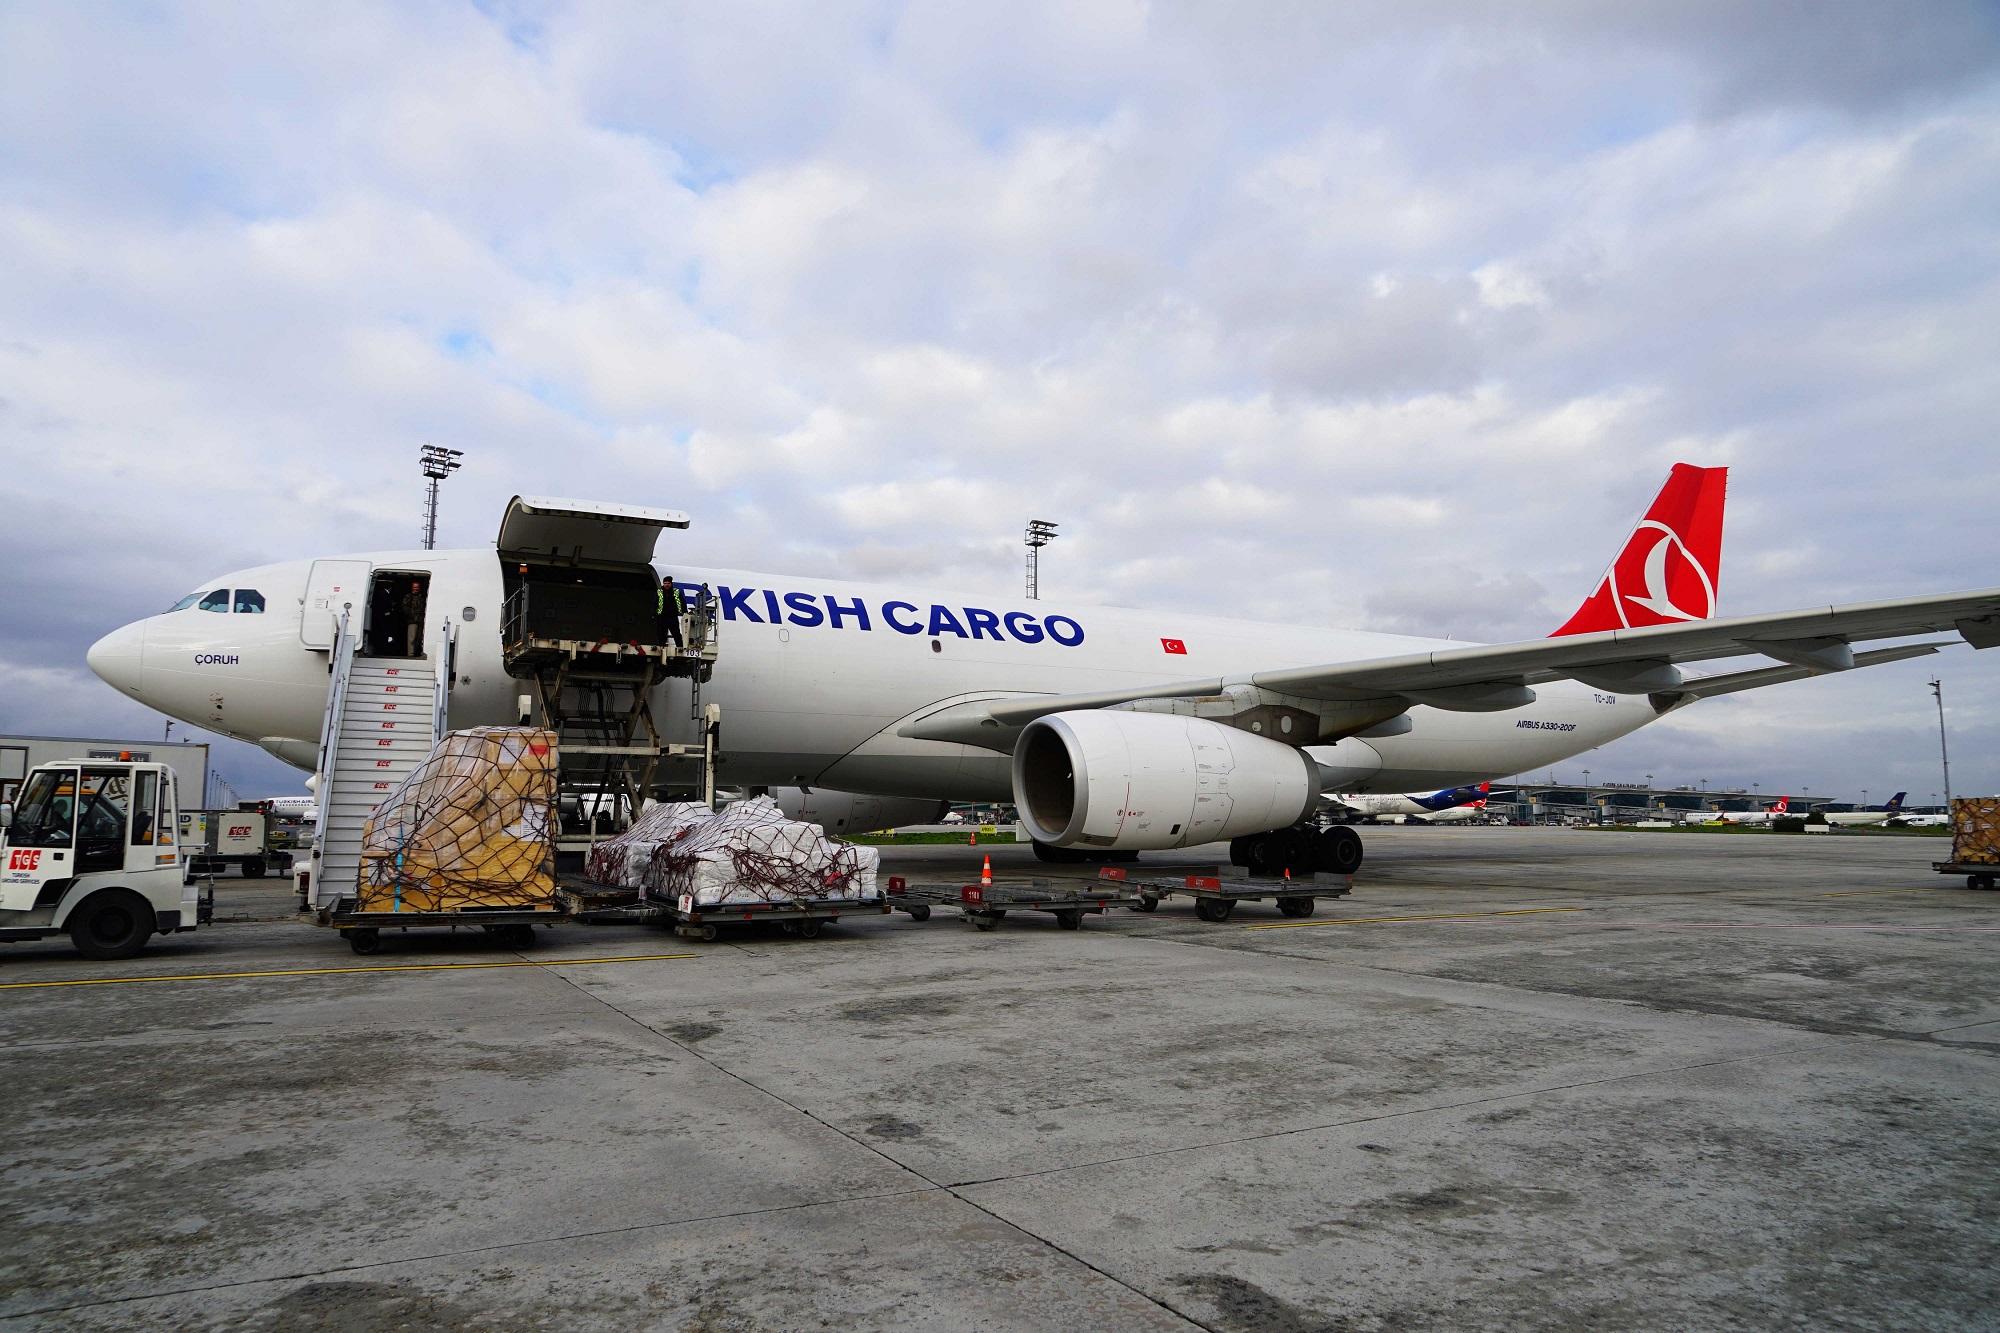 Turkish Cargo перевезла львят и находящихся под угрозой исчезновения пингвинов в их новый дом